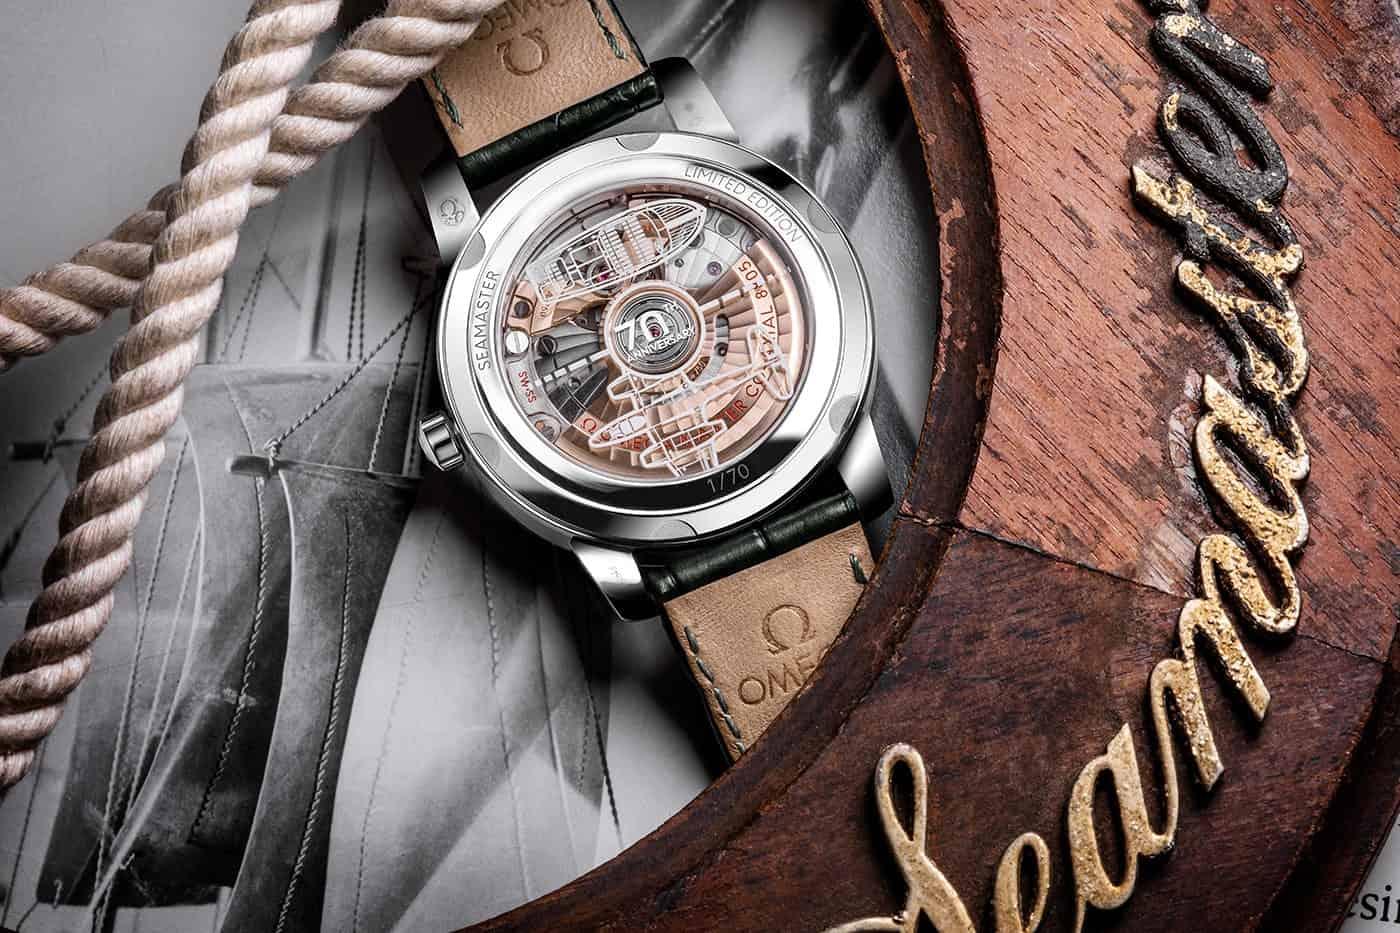 הגב של שעוני הסימאסטר 70 שנה פלטינה. מקור - אומגה.